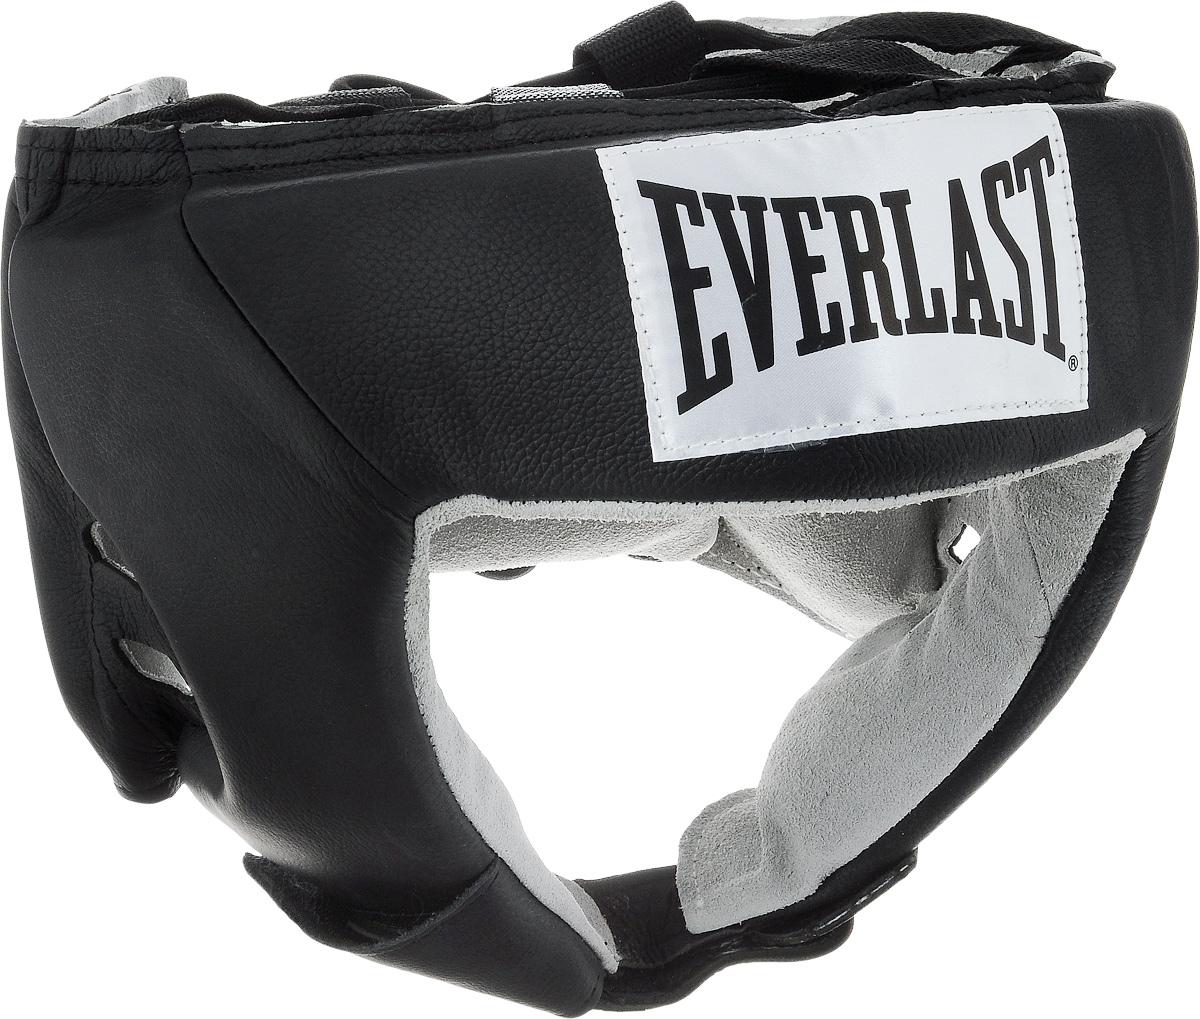 Шлем боксерский Everlast USA Boxing, цвет: черный, белый. Размер XL610601UEverlast USA Boxing - боксерский шлем, разработанный для выступления на любительских соревнованиях и одобренный ассоциацией USA Boxing. Плотный четырехслойный пенный наполнитель превосходно амортизирует удары и значительно снижает риск травмы. Качественная натуральная кожа (снаружи) и не менее качественная замша (внутри) обеспечивают значительный запас прочности и отличную износоустойчивость. Подгонка под необходимый размер и фиксация на голове происходят за счет затягивающихся шнурков. Если вы еще ищите шлем для предстоящих соревнований, то Everlast USA Boxing - это ваш выбор! Диаметр головы: 21 см.